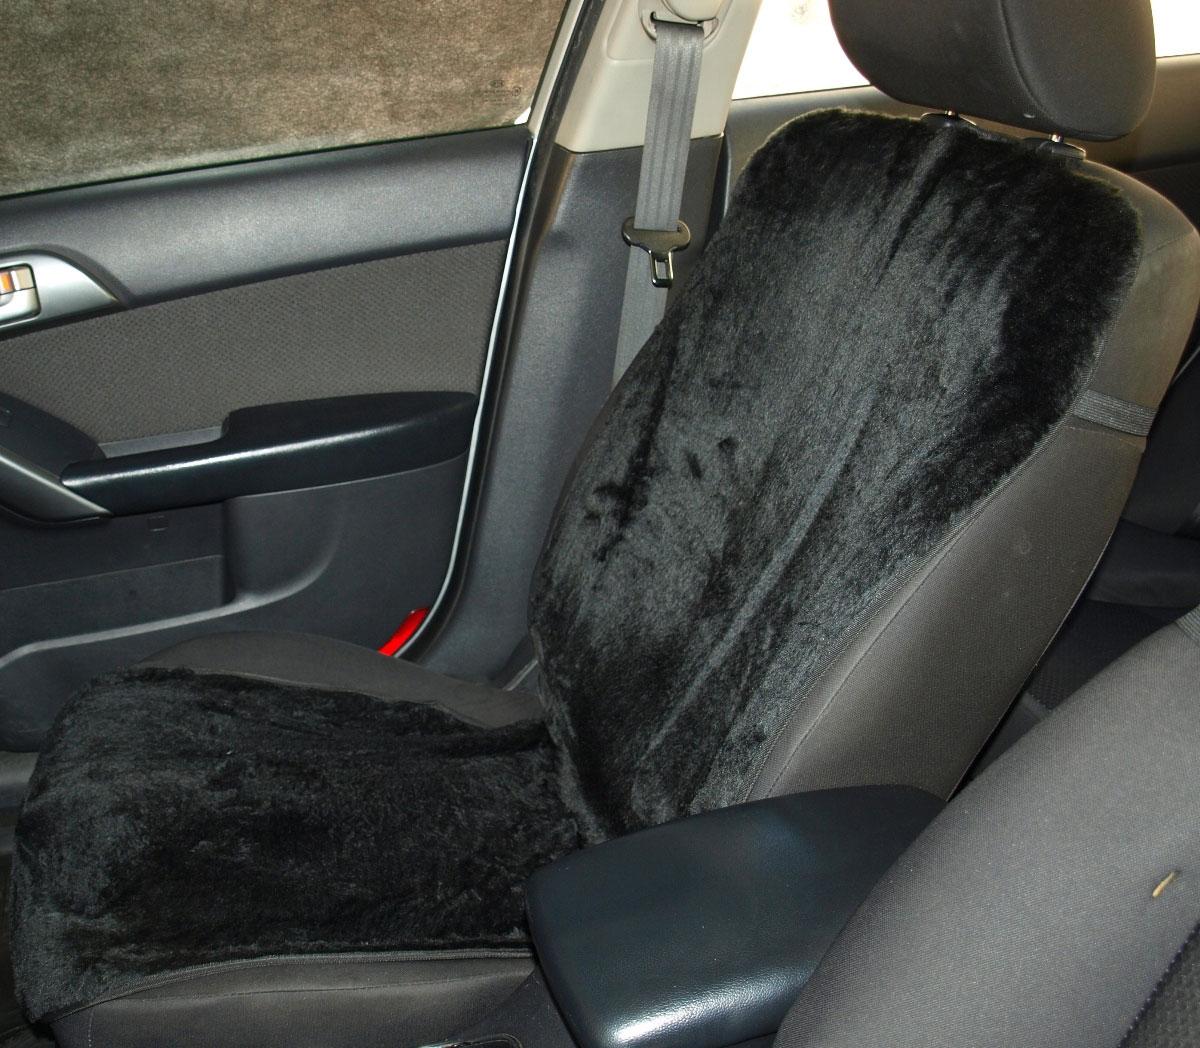 Накидка на сиденье Антей, цвет: черный, 54 х 120 смА499Накидка на сиденье меховая предназначена для более комфортной езды в холодное время года. Защищает водителя и пассажира от переохлаждения. А также защищает сиденья автомобиля от преждевременного износа. Синтетический мех накидки не вытирается и не сваливается. Накидка крепится на сиденье и на спинку кресла с помощью текстильных лент, оснащённых карабинами и липучками, а также с помощью резинок. Края накидки аккуратно прошиты. Размер накидки 120х54 см. Подходит для раздельных автокресел любых автомобилей. В комплекте 1 накидка. Упакован в плотный полиэтиленовый пакет с клапаном и еврослотом.